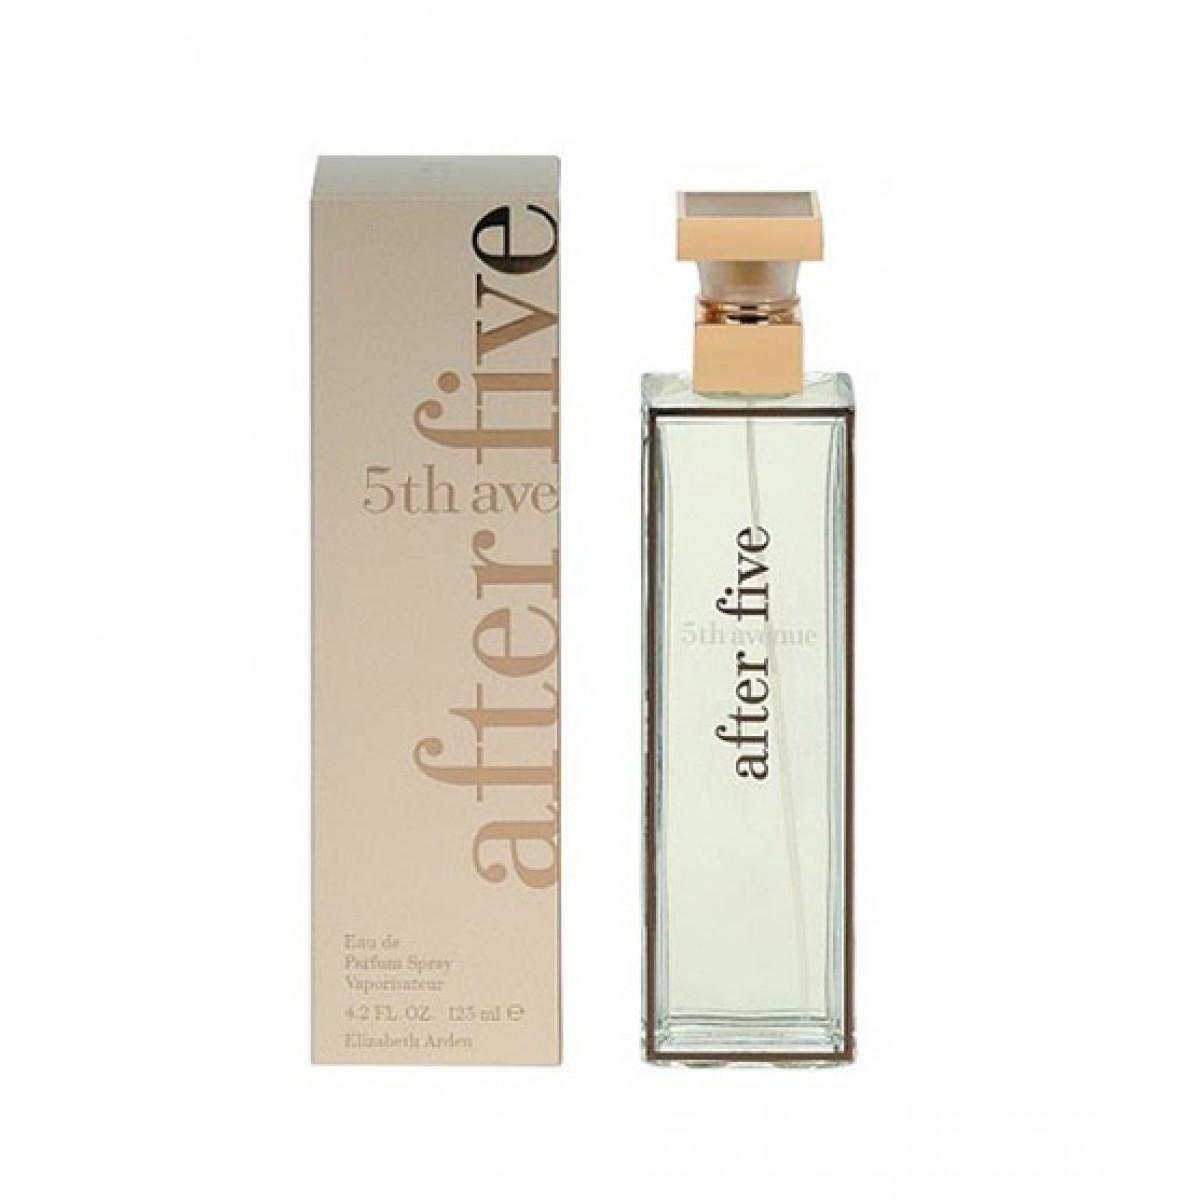 Elizabeth Arden 5th Avenue After Five Eau De Parfum For Women 125ml